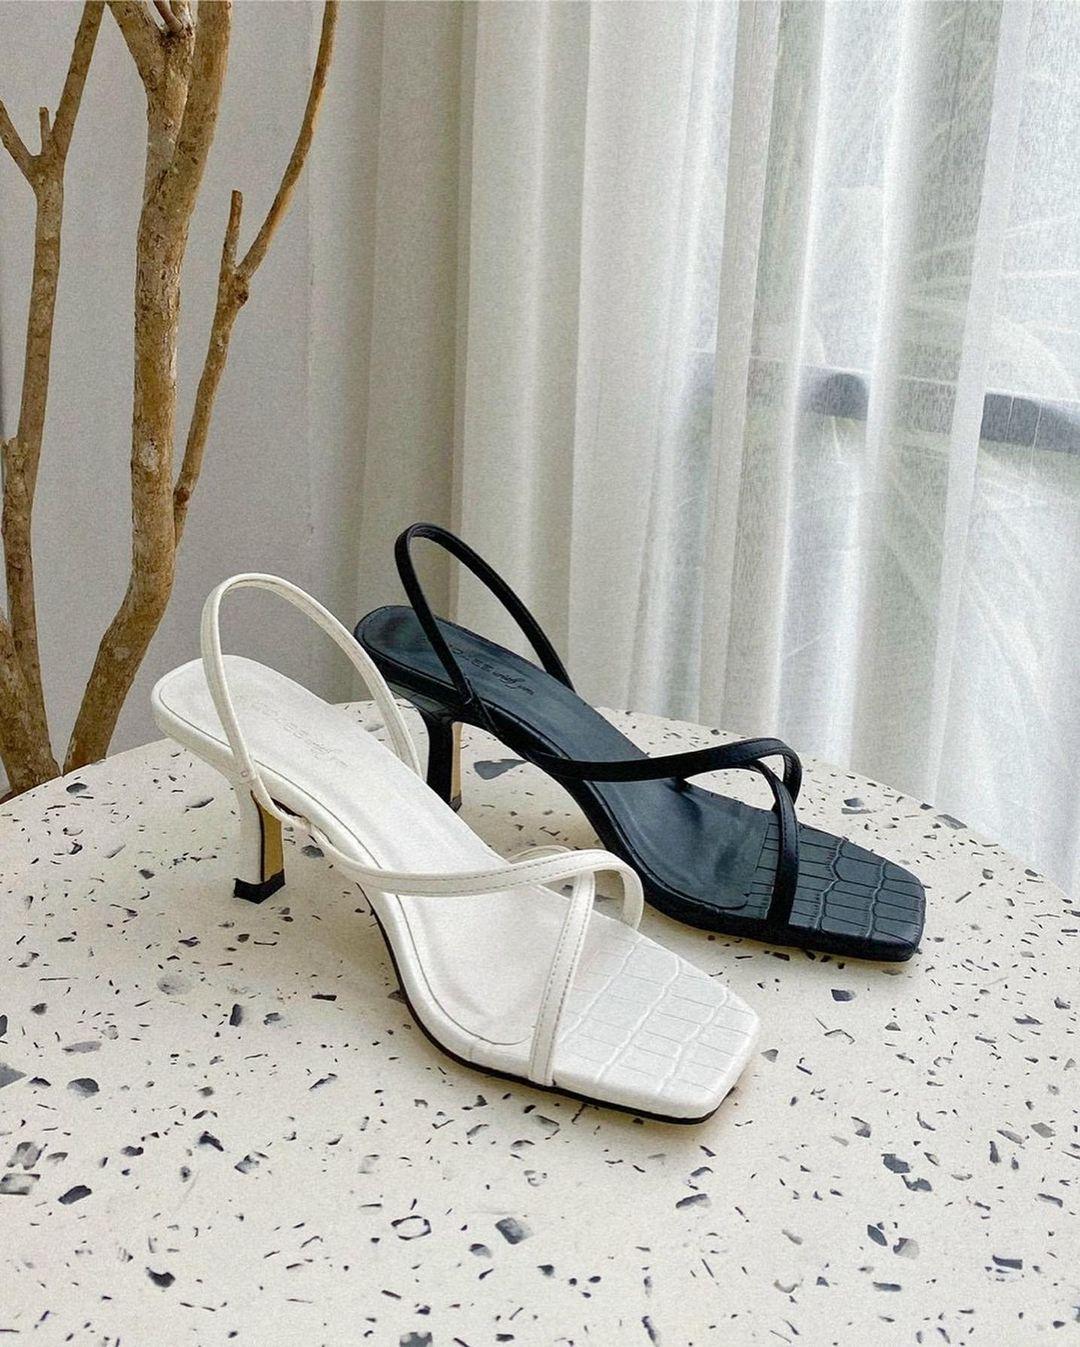 Mẫu sandals khiến Hà Trúc mê mẩn mua gần chục đôi đi dần: Chị em dễ dàng copy hoặc sắm mẫu na ná chỉ vài trăm nghìn - ảnh 12